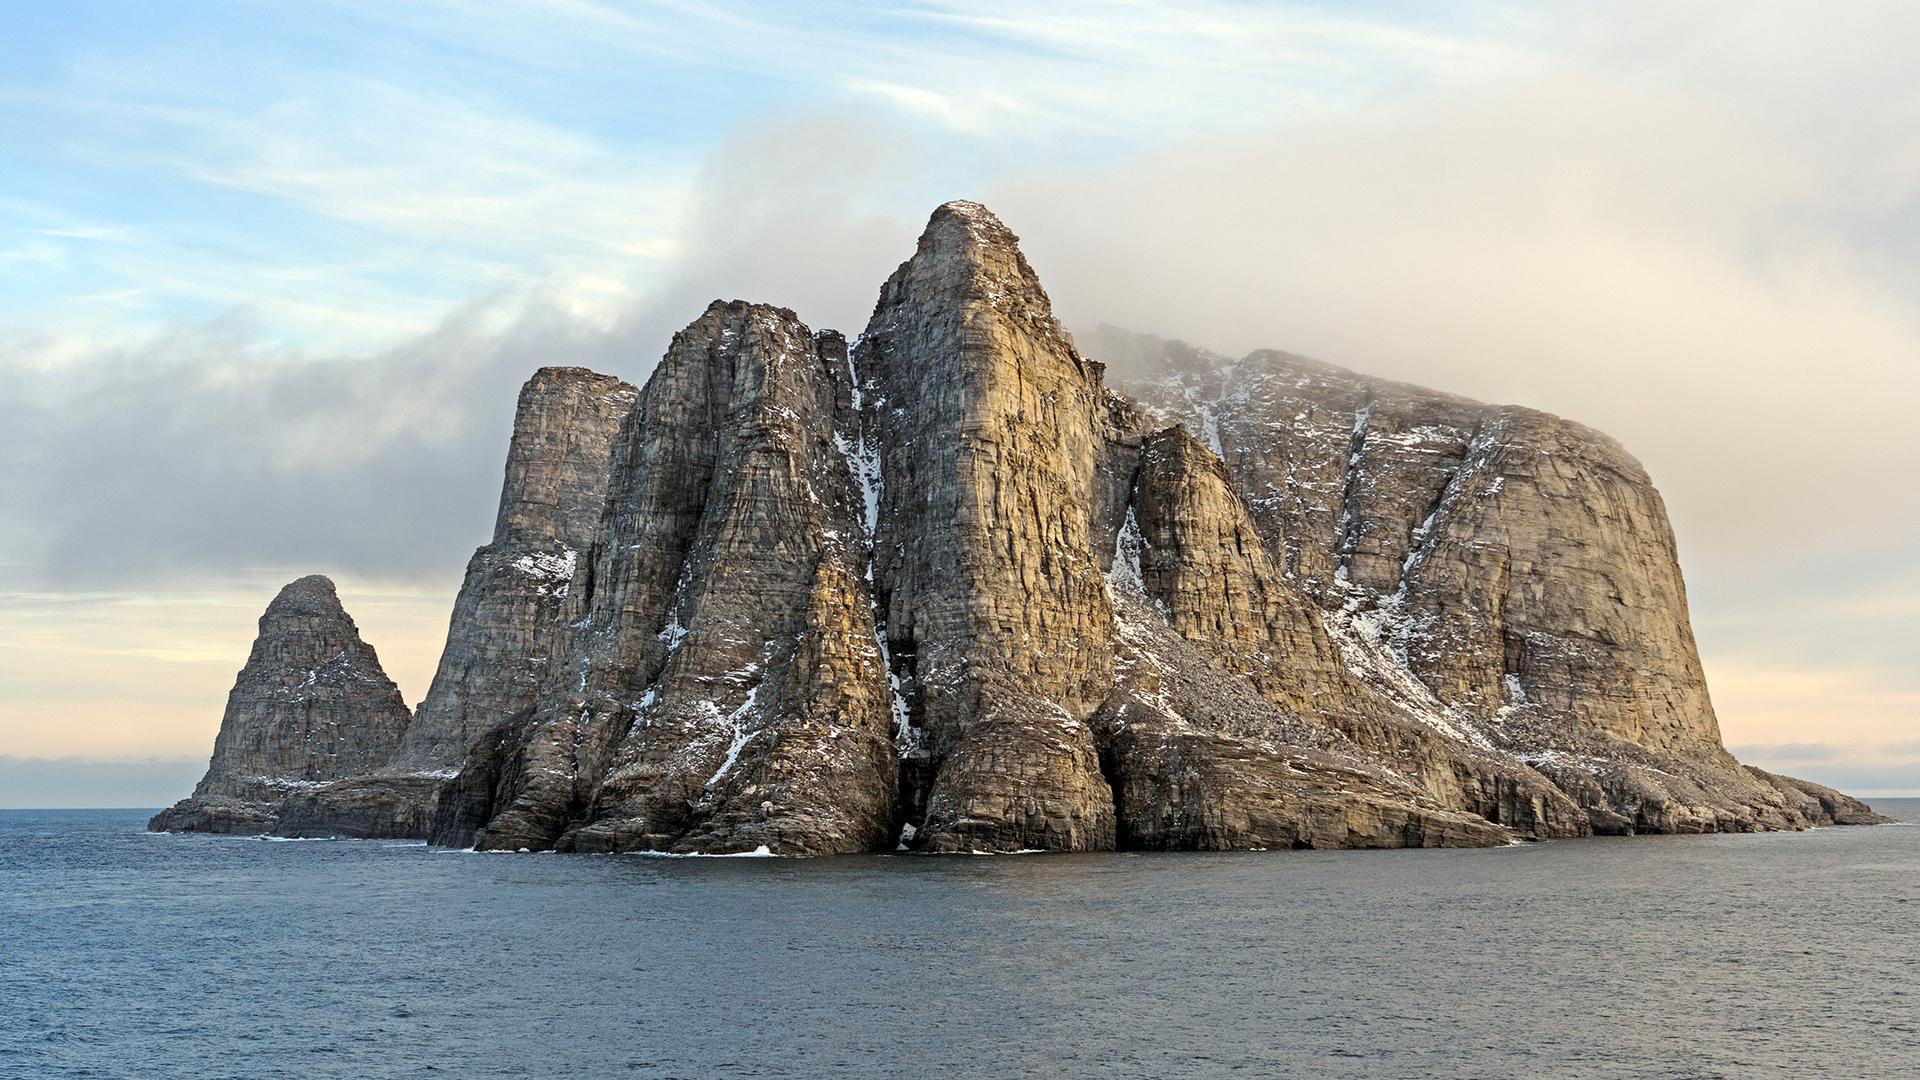 Les scientifiques ont découvert les empreintes chimiques d'un ancien continent dans des échantillons de roche prélevés sur l'île de Baffin au Nunavut, au Canada.